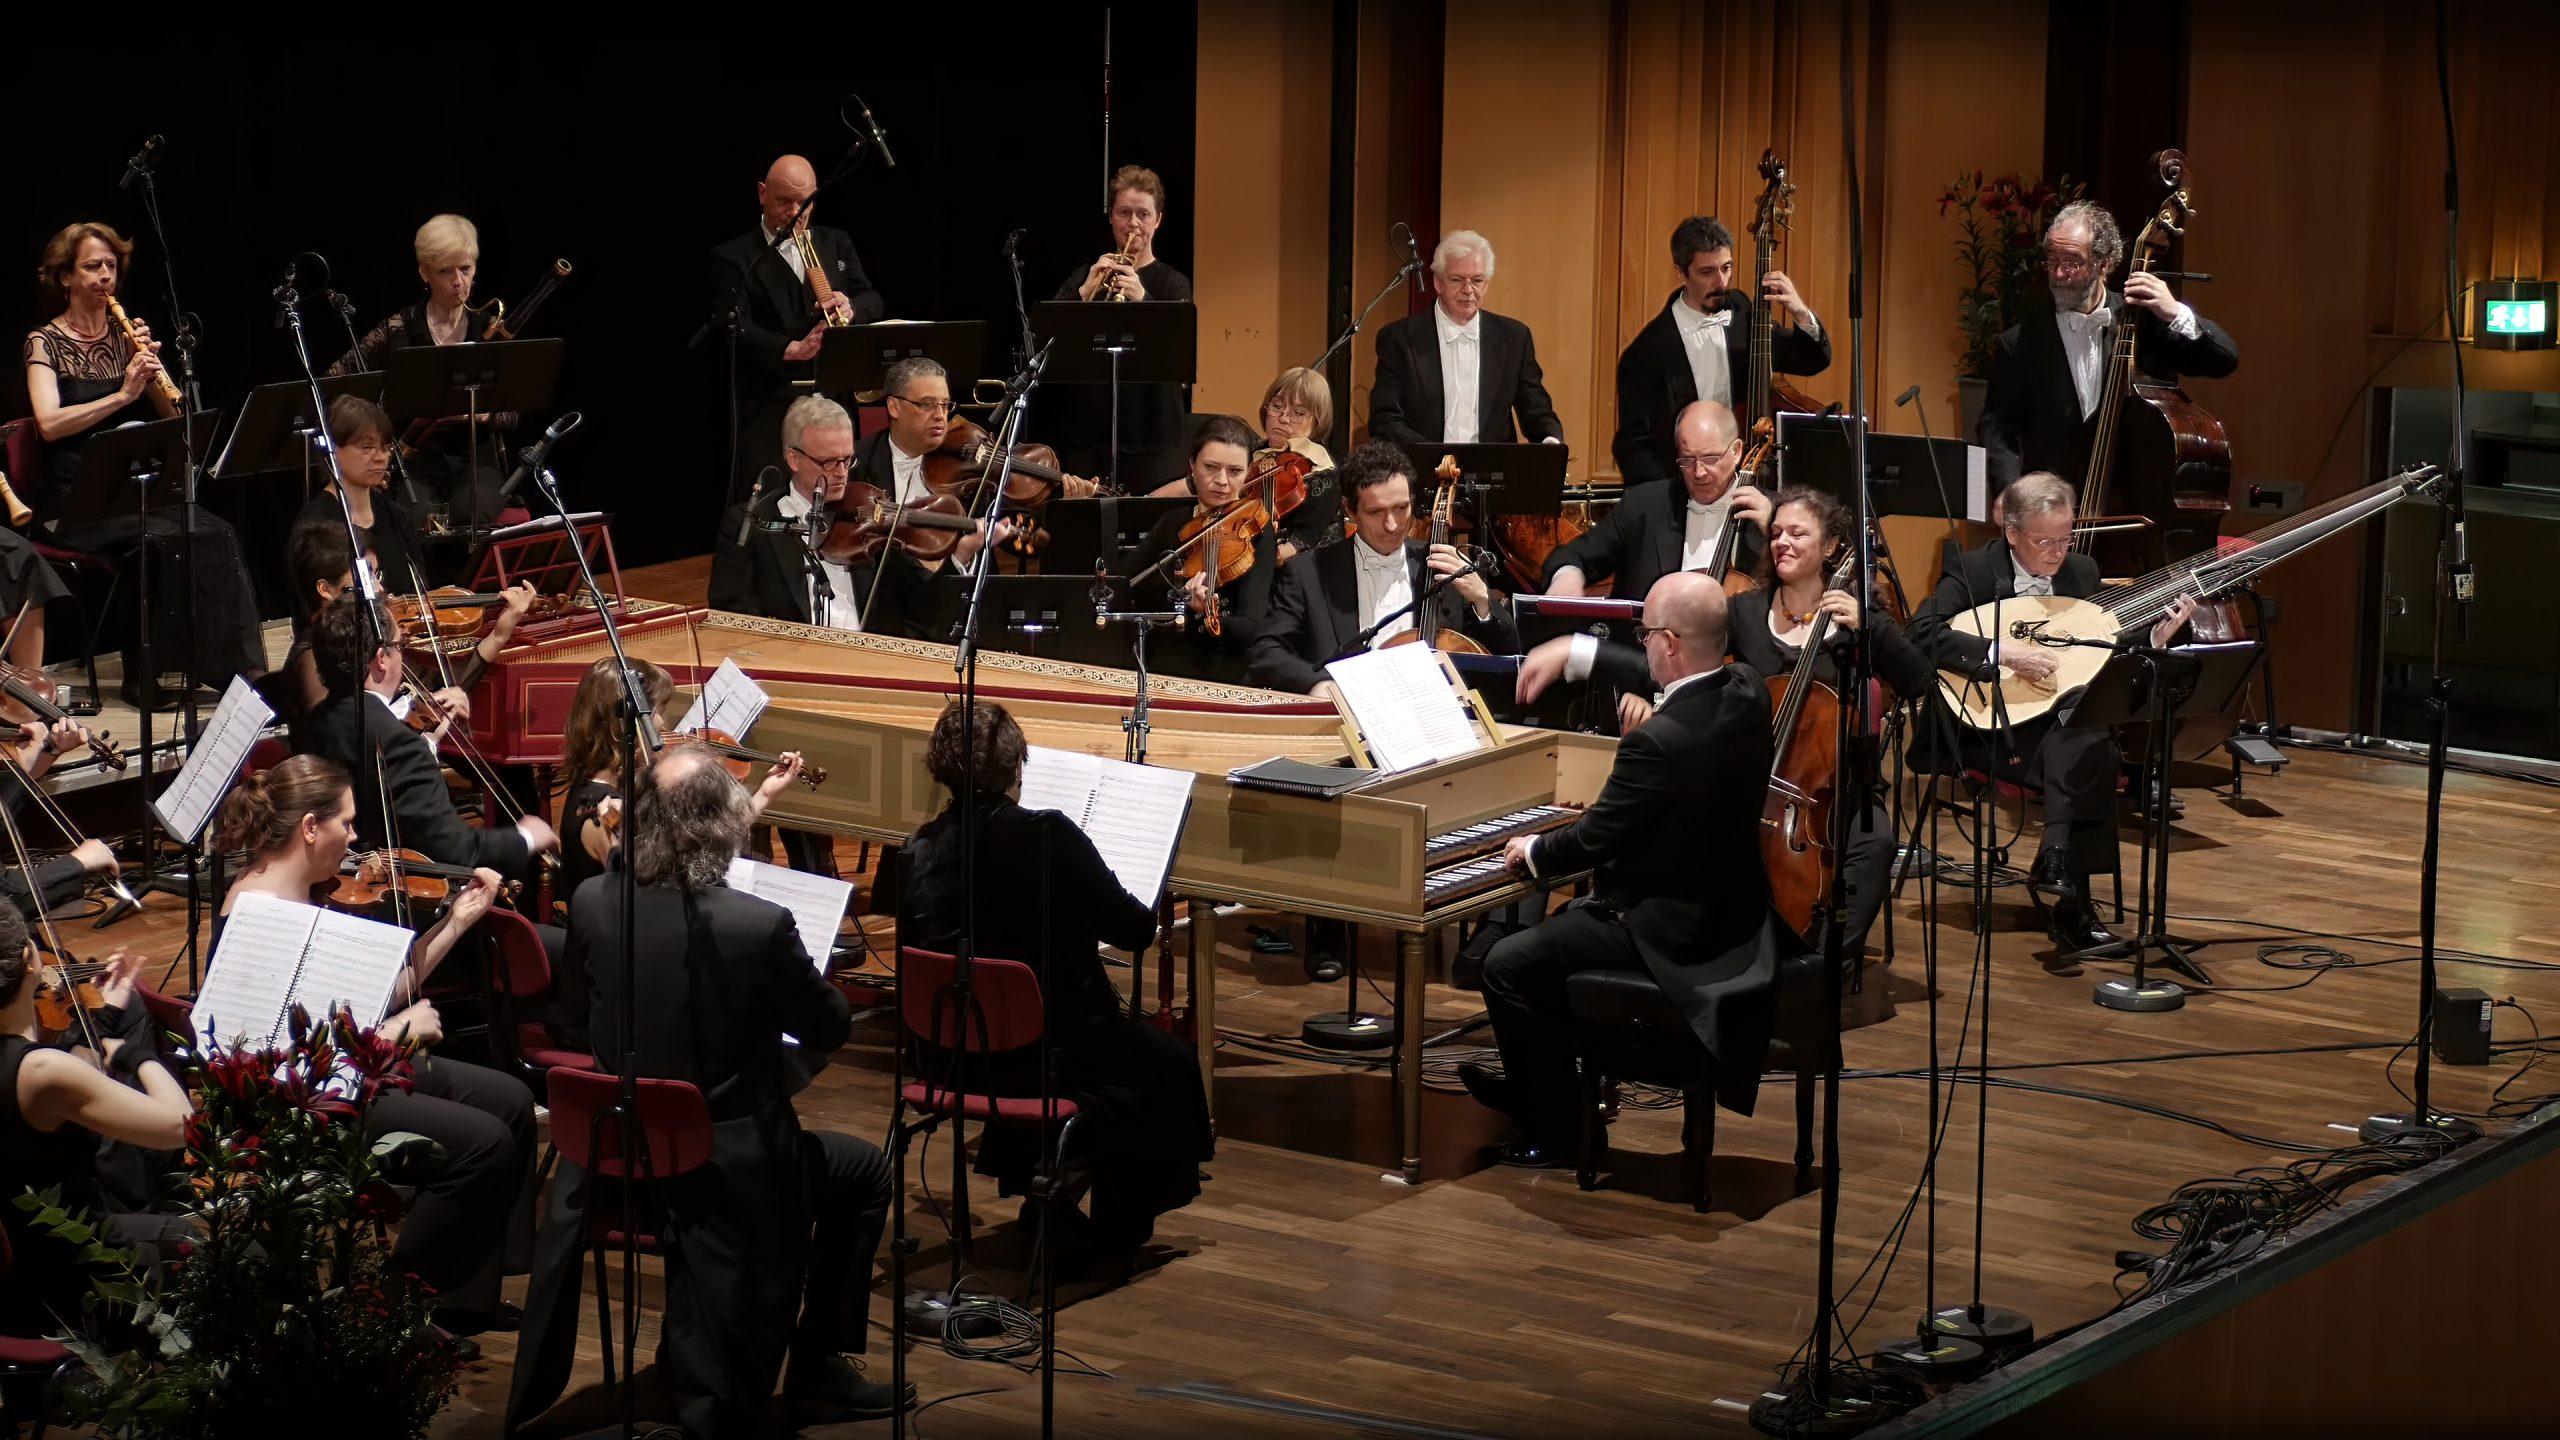 FestspielOrchester Göttingen - Händel Water Music